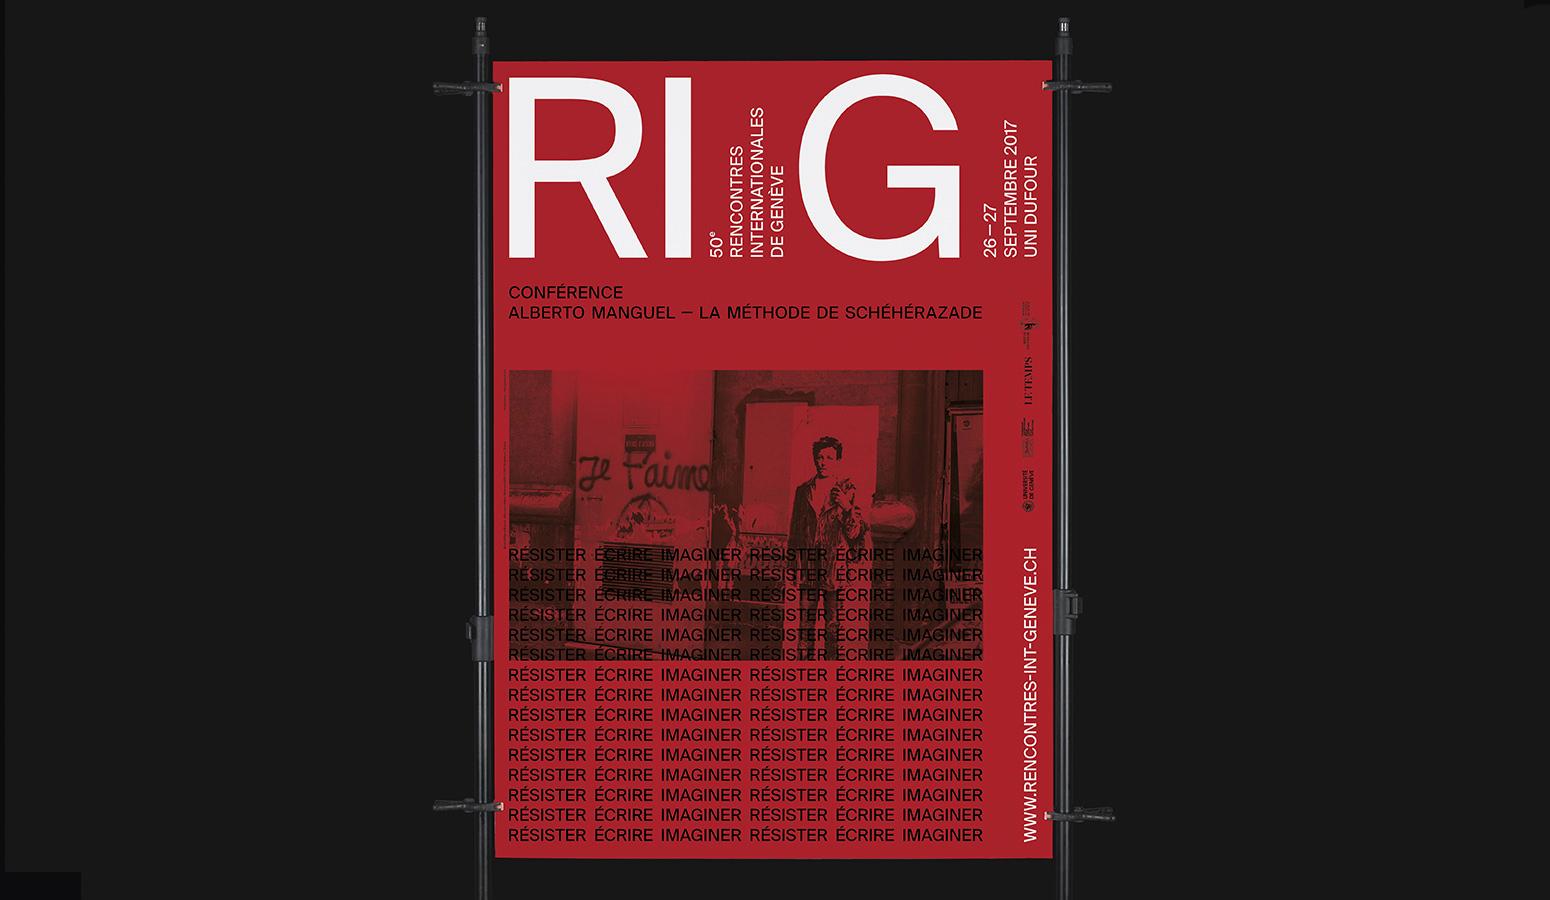 RIG_vignette_F4